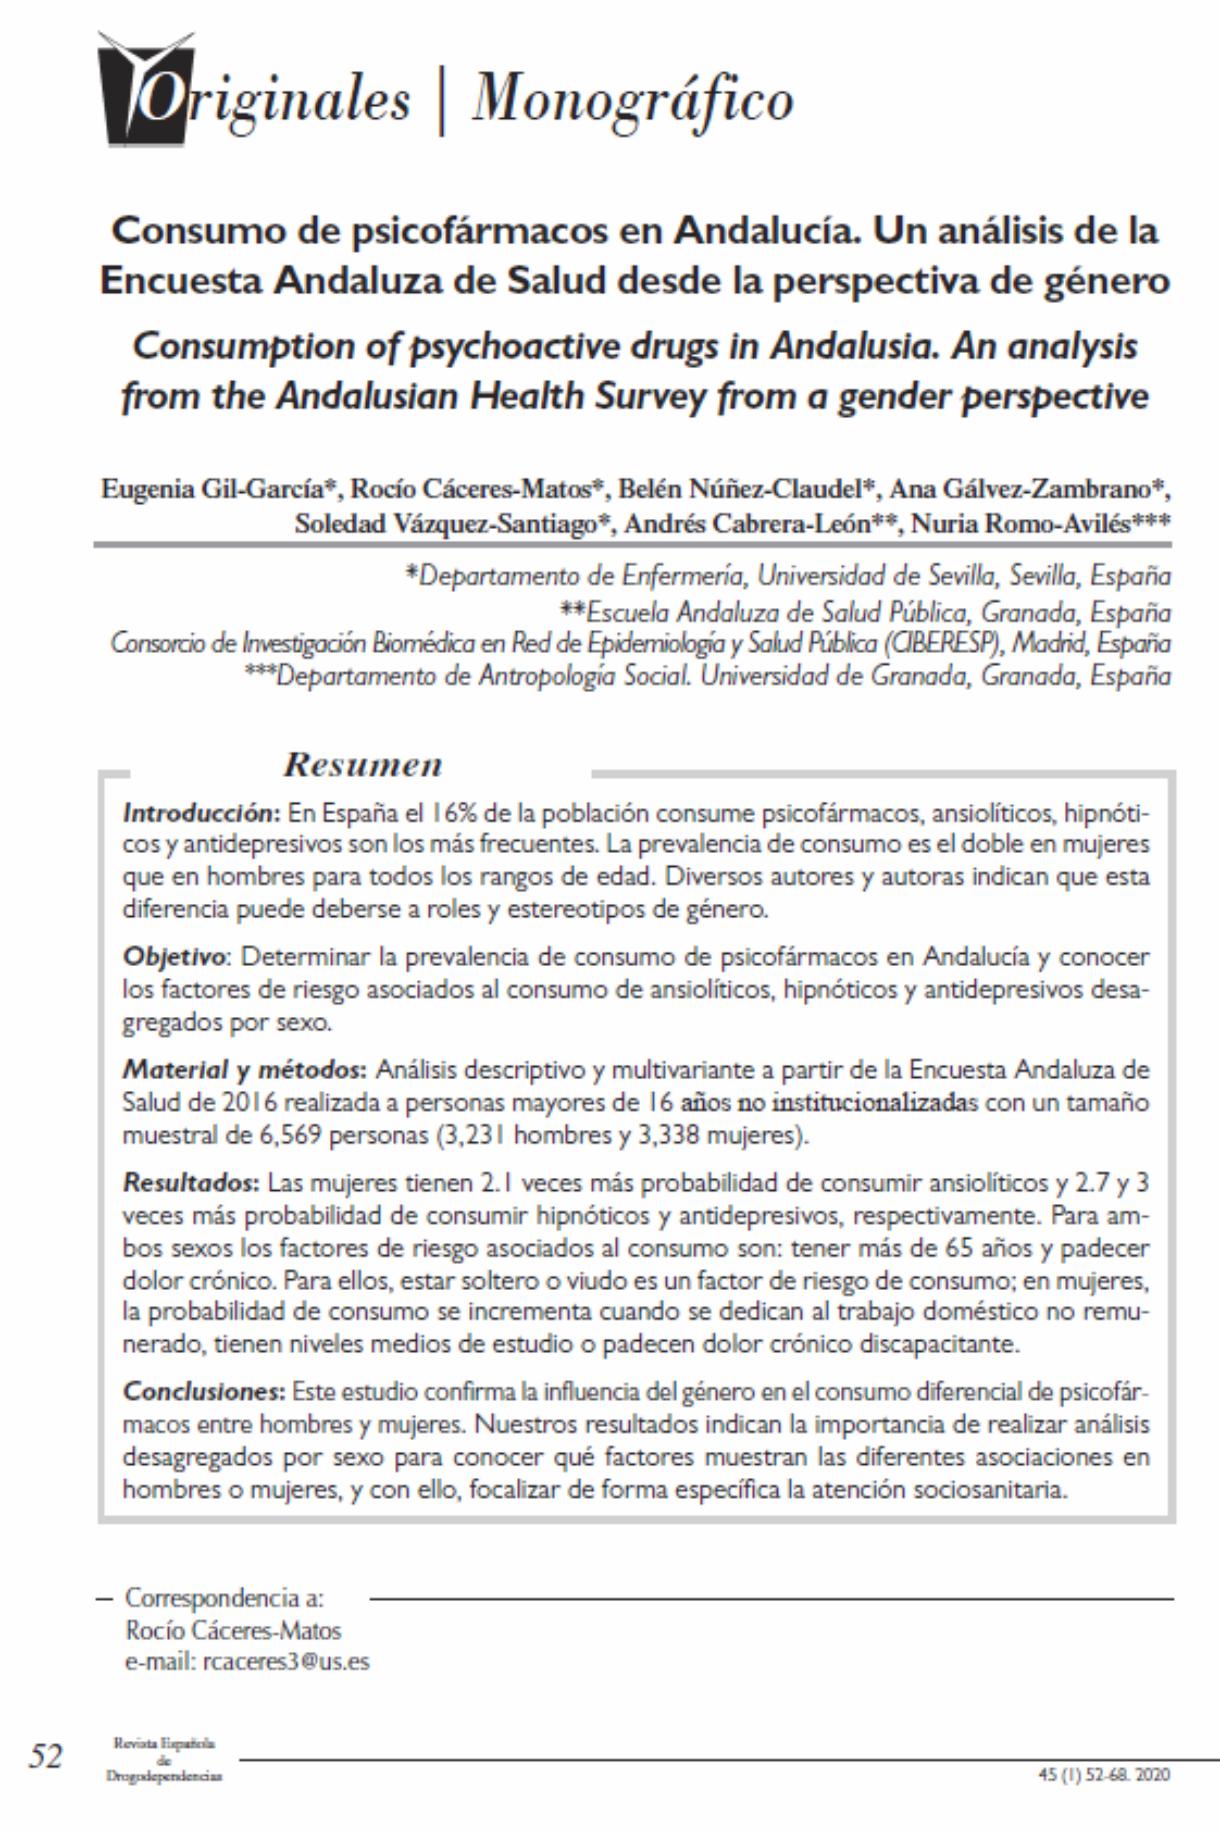 Gil-Garcia, Eugenia et Al: Consumo de psicofármacos en Andalucía. Un análisis de la Encuesta Andaluza de Salud desde la perspectiva de género